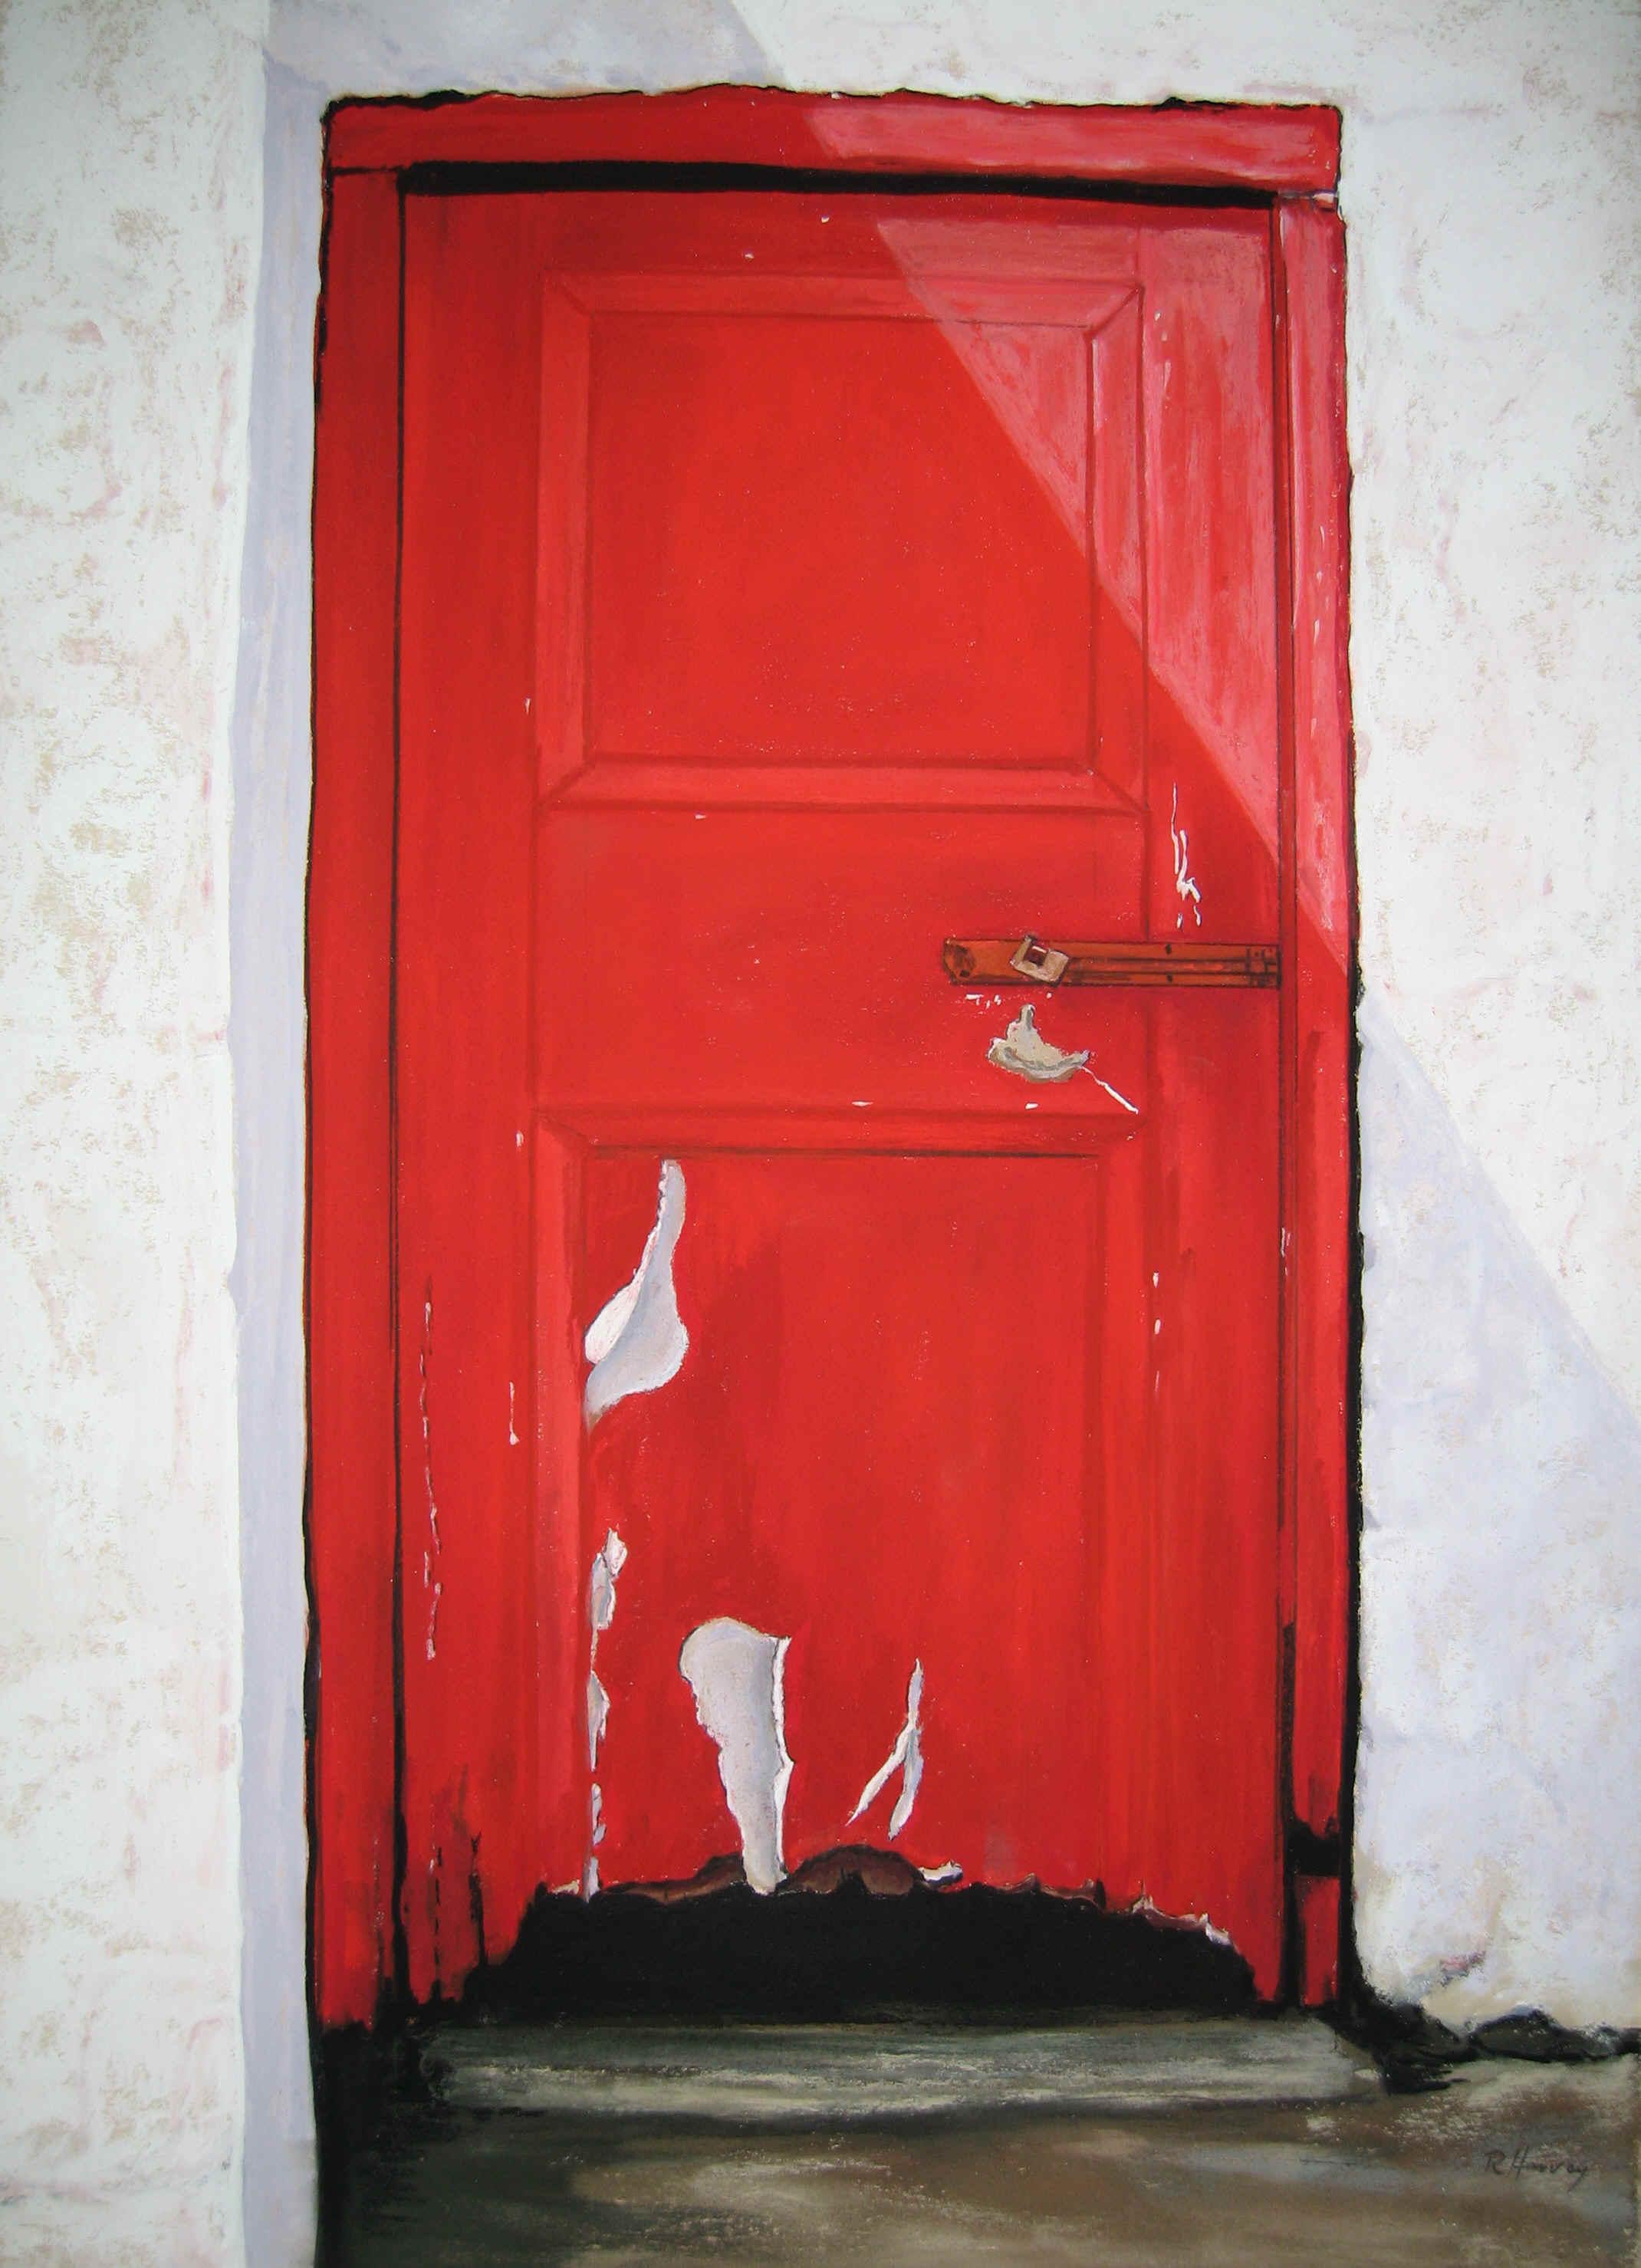 Red door.jpg (1928908 bytes) & Doors: Red Door